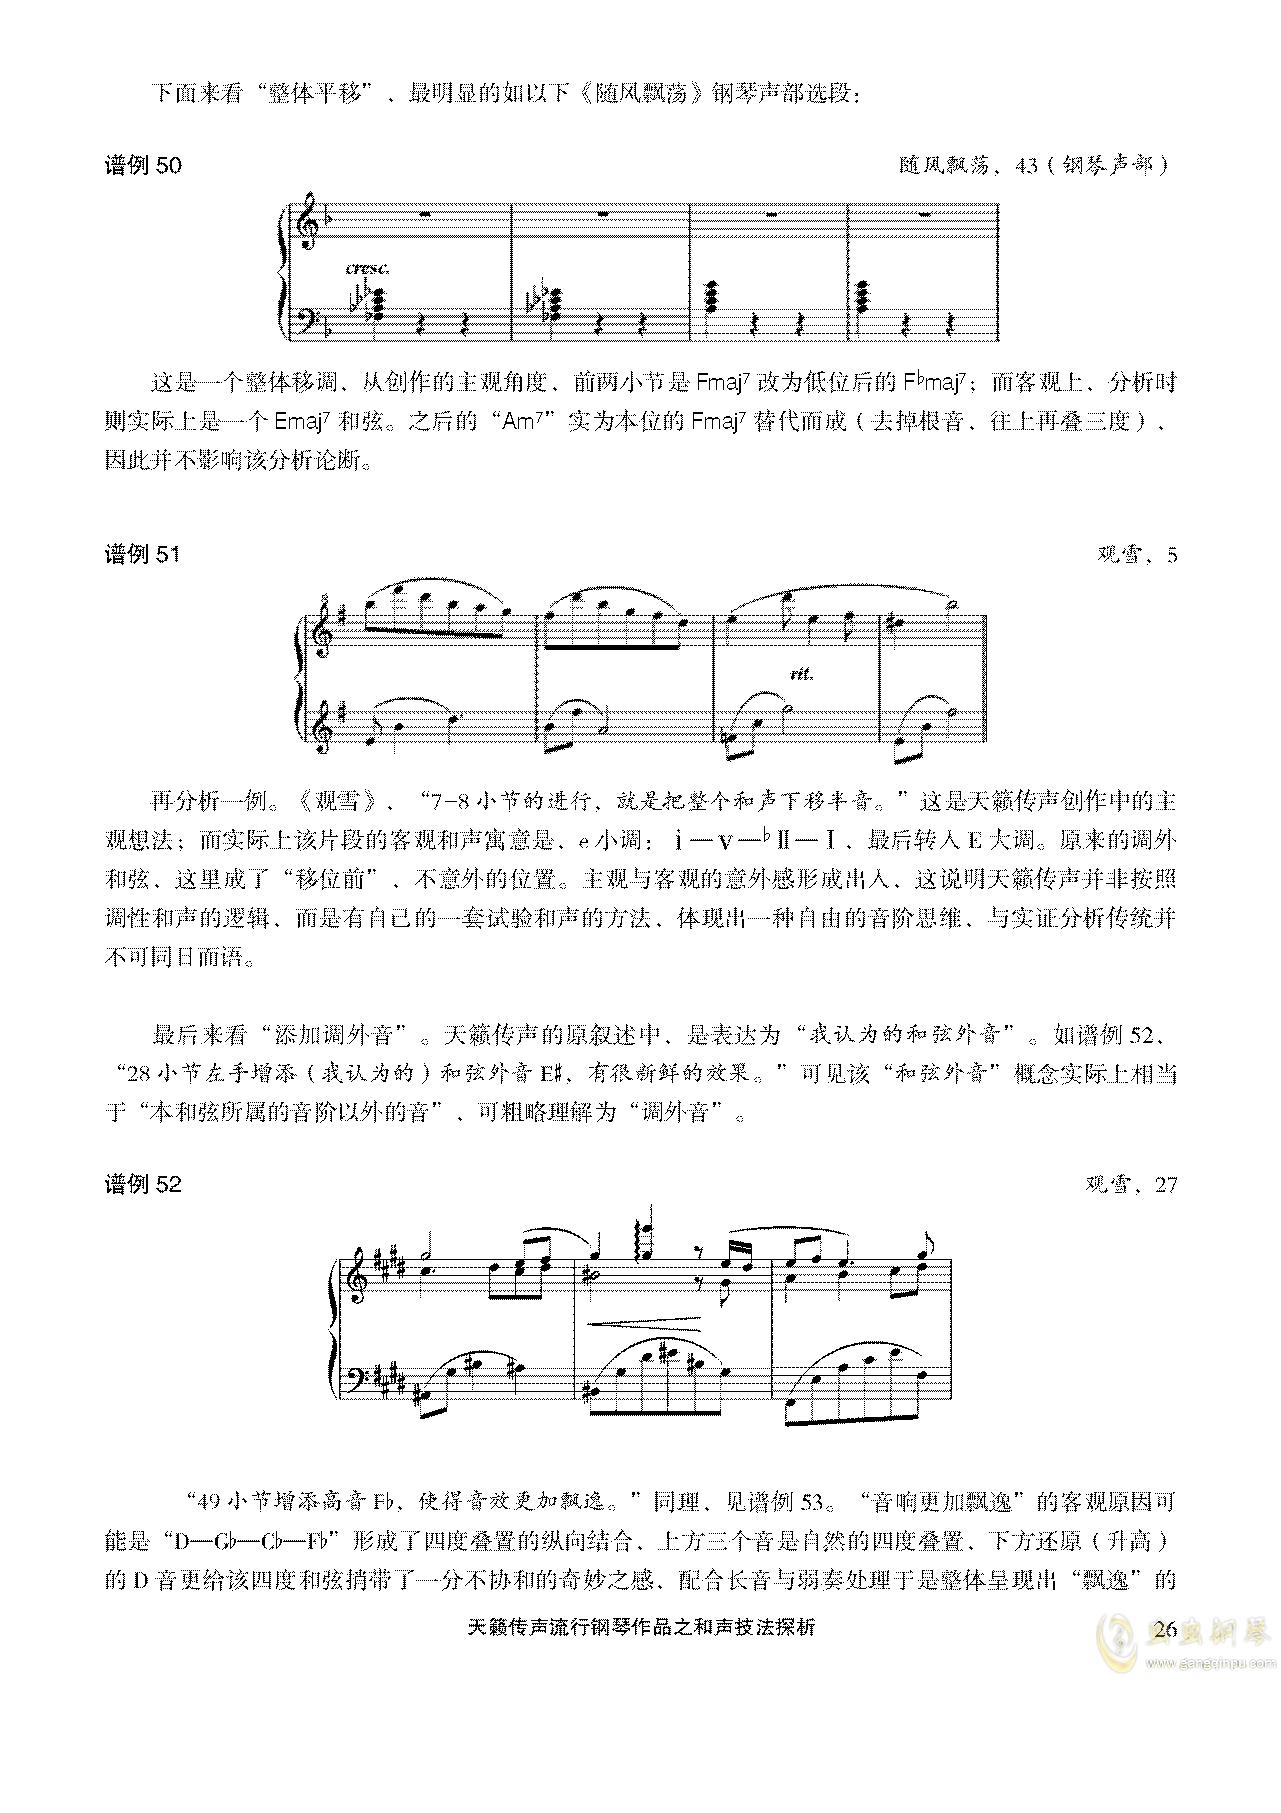 天籁传声和声技法探析澳门星际官网 第26页